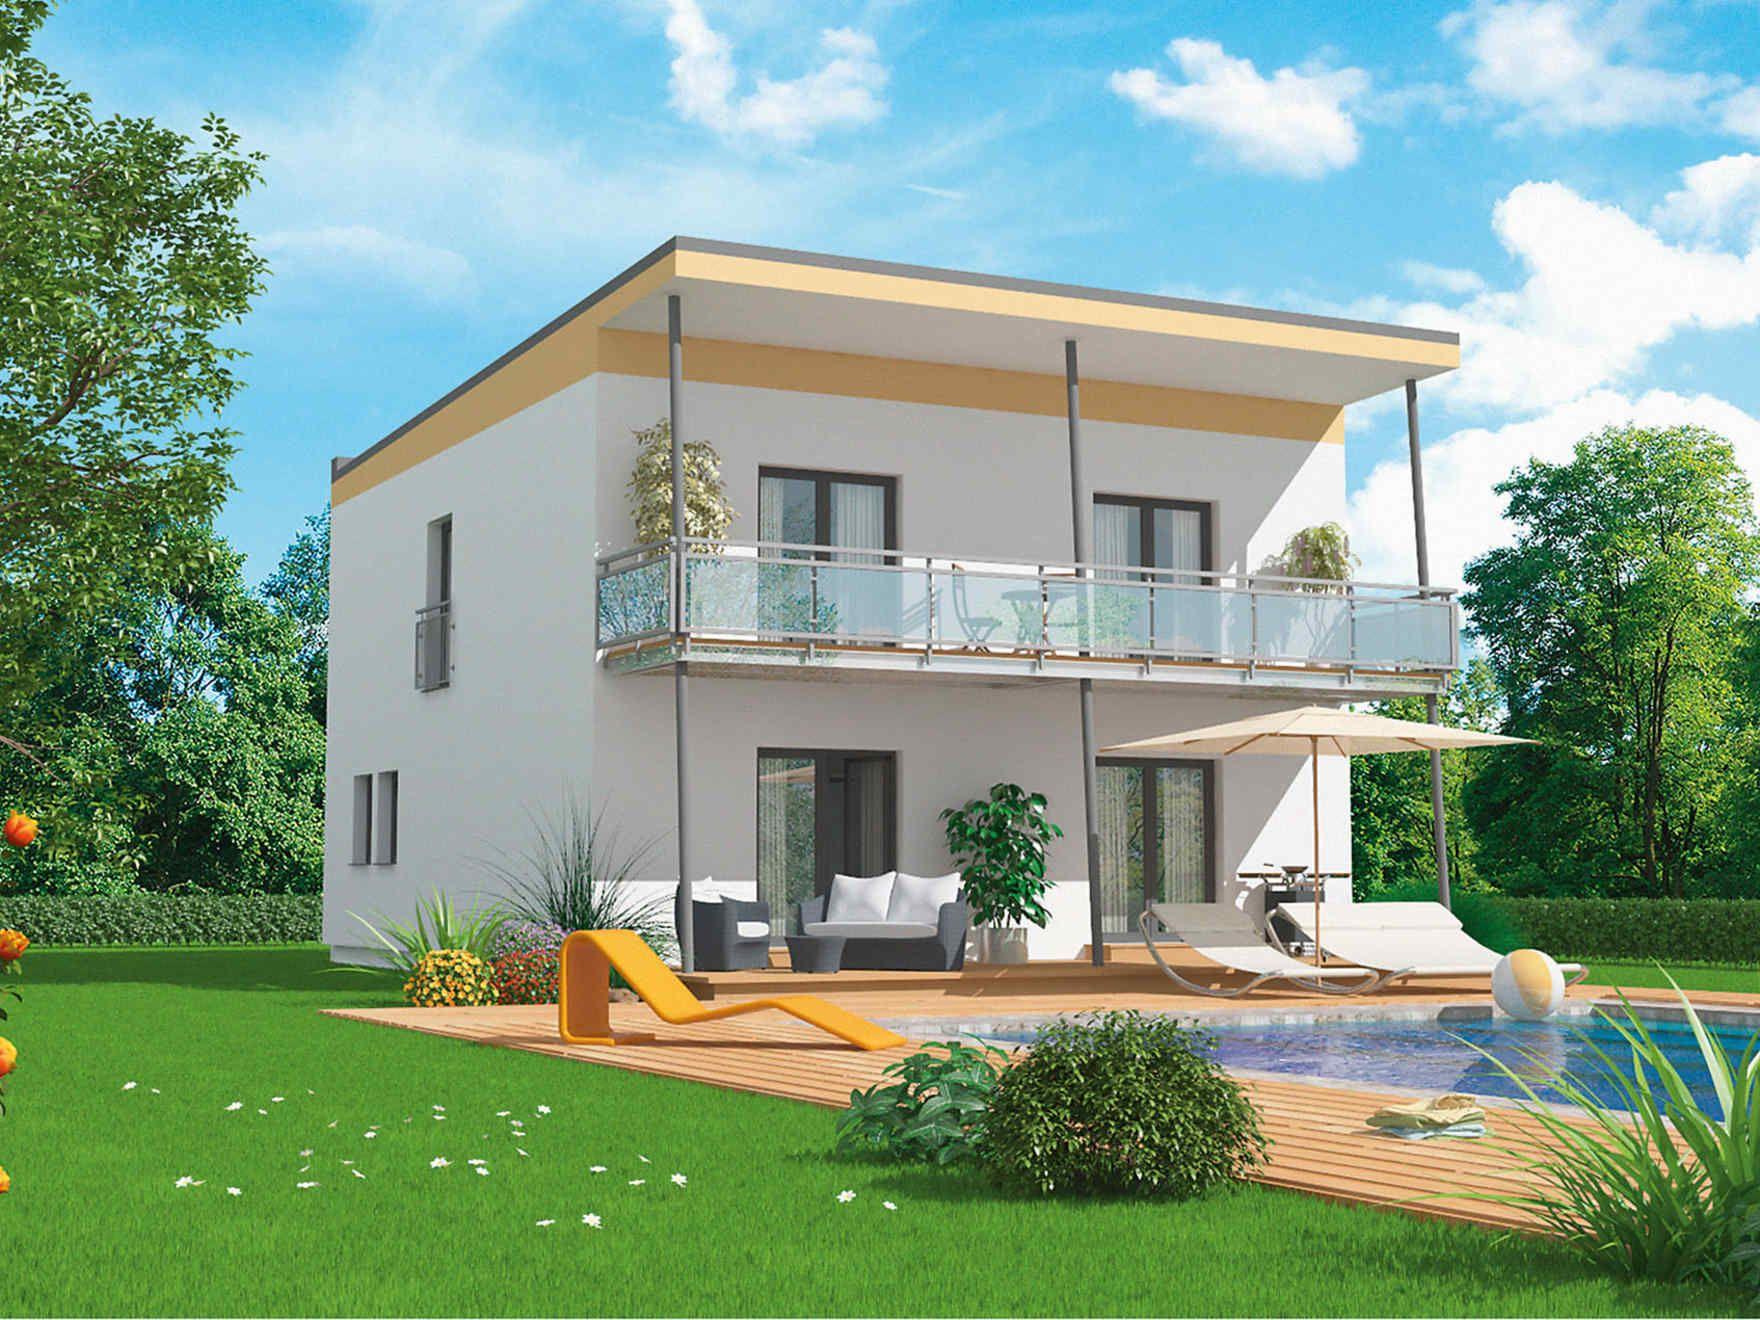 Pultdach Modern 6 Einfach Gartenhauser Mit Pultdach Gartenhaus